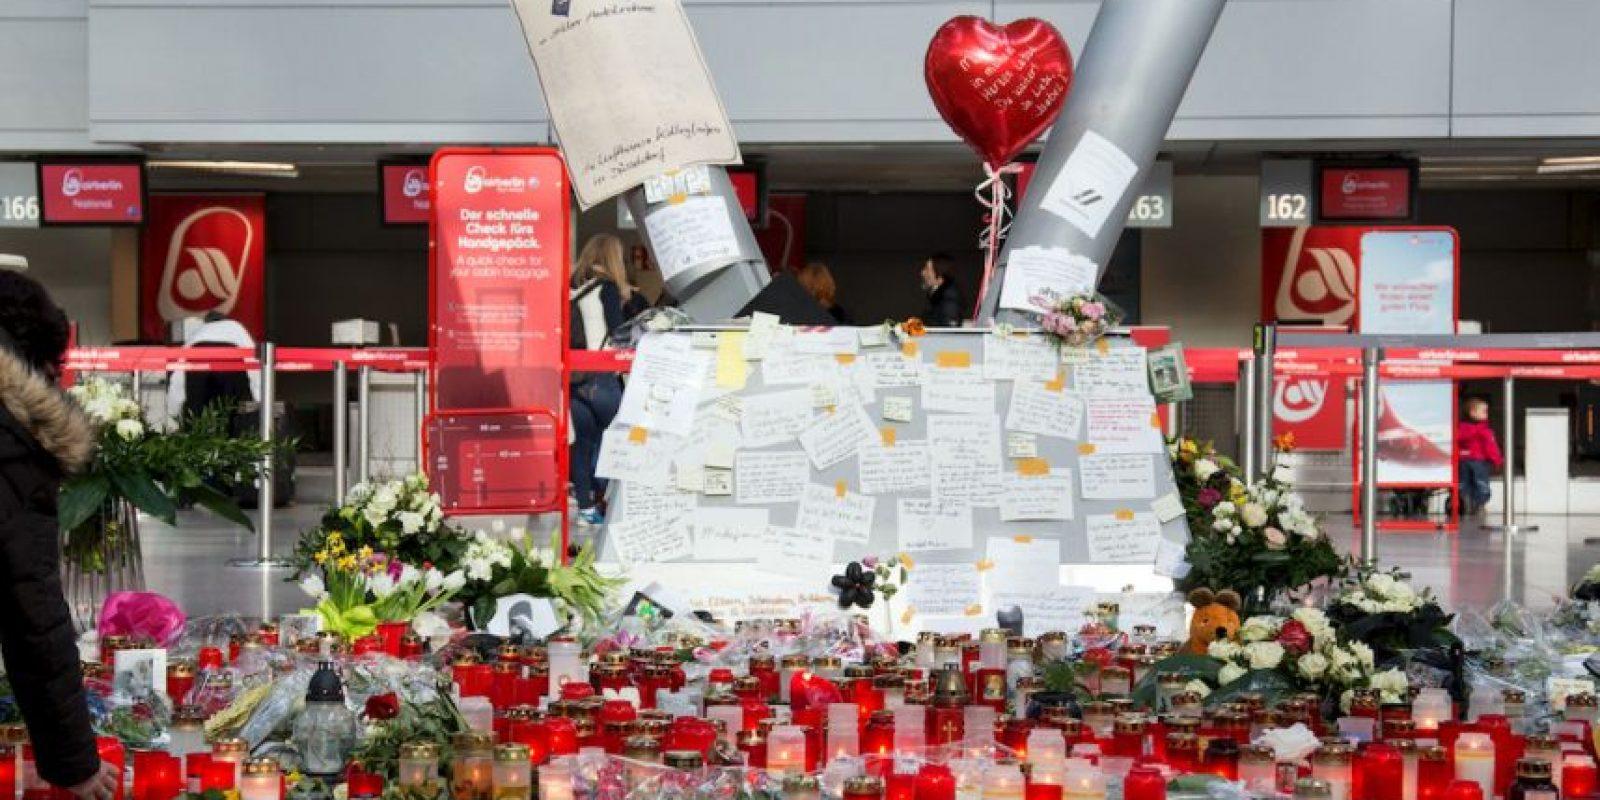 Los 150 cuerpos de las víctimas del accidente aéreo de Germanwings fueron identificados y serán enviados a casa. Foto:Getty Images